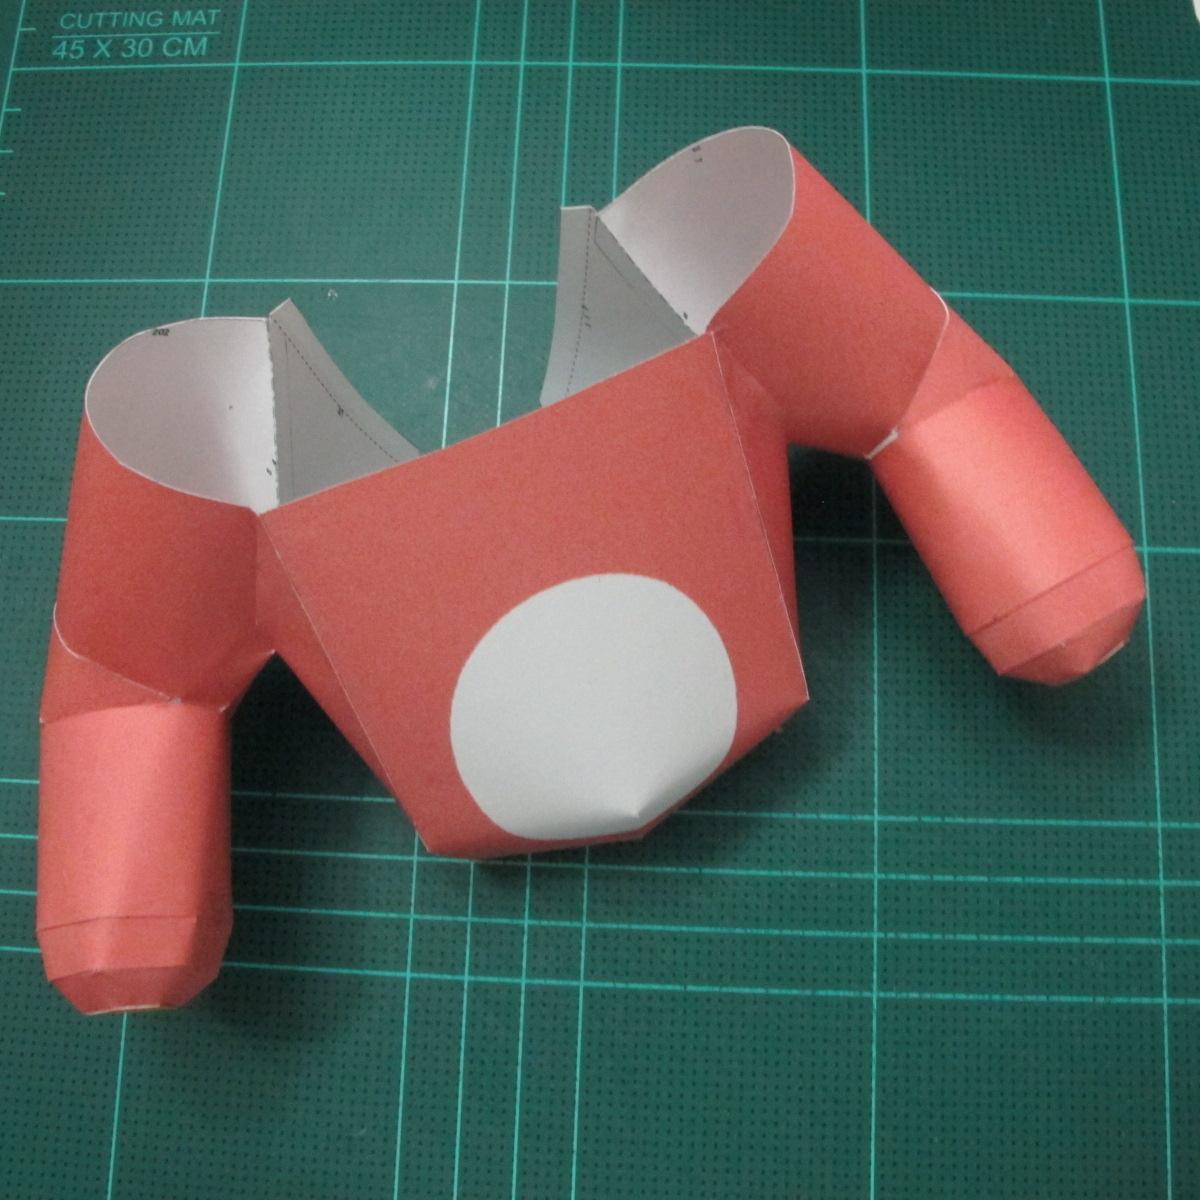 วิธีทำโมเดลกระดาษหมีรีแลกคุมะถือป้าย (Rilakkuma Papercraft Model 1) 009